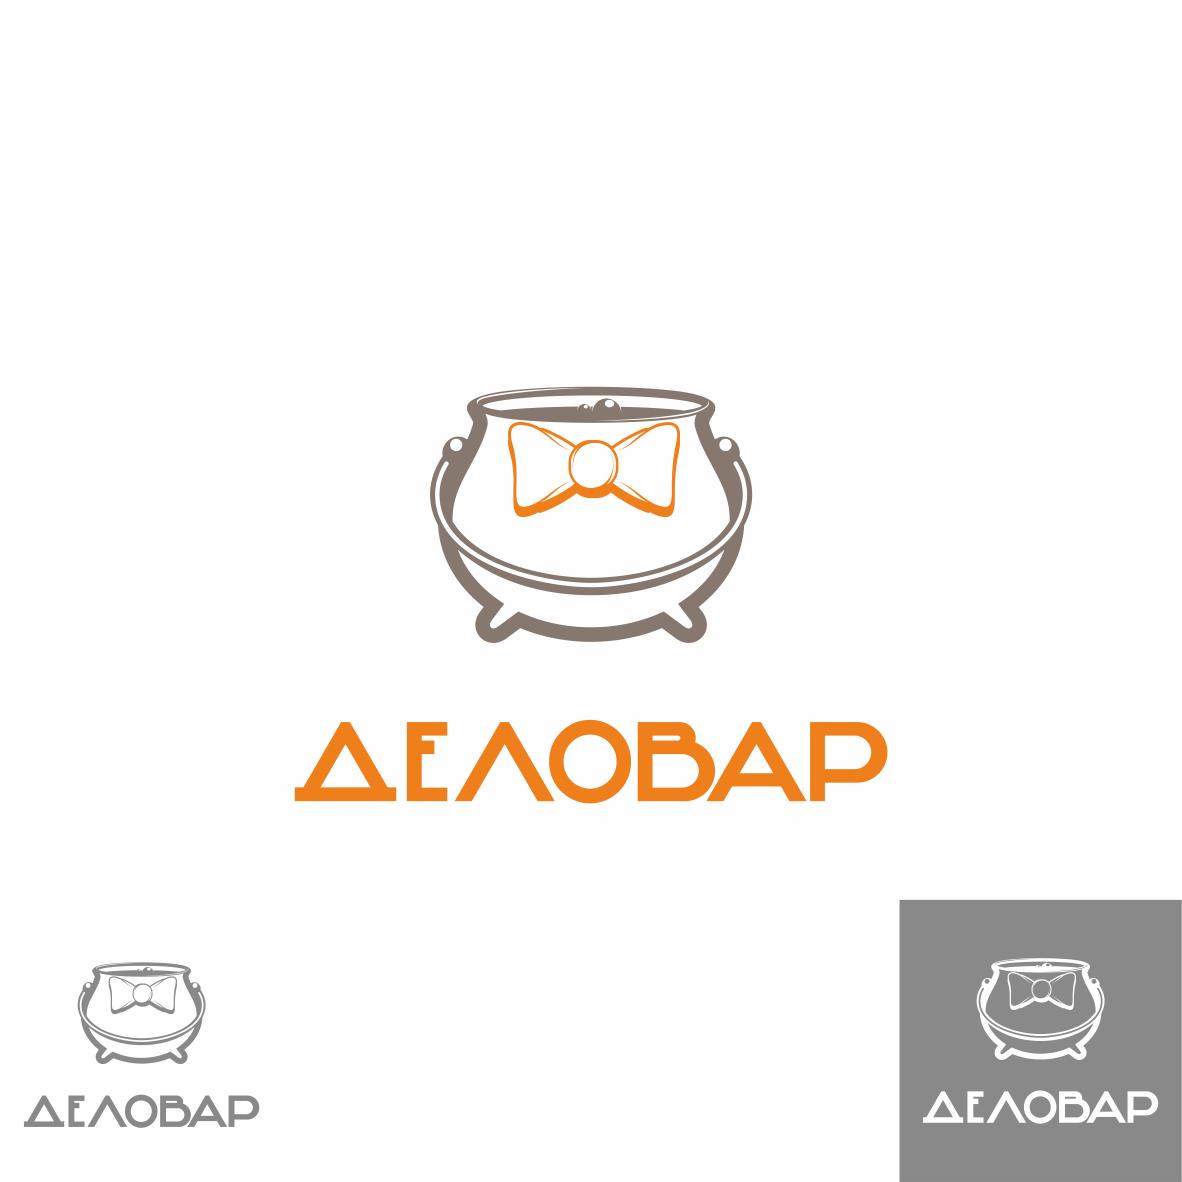 """Логотип и фирм. стиль для Клуба предпринимателей """"Деловар"""" фото f_5044953b30a86.png"""